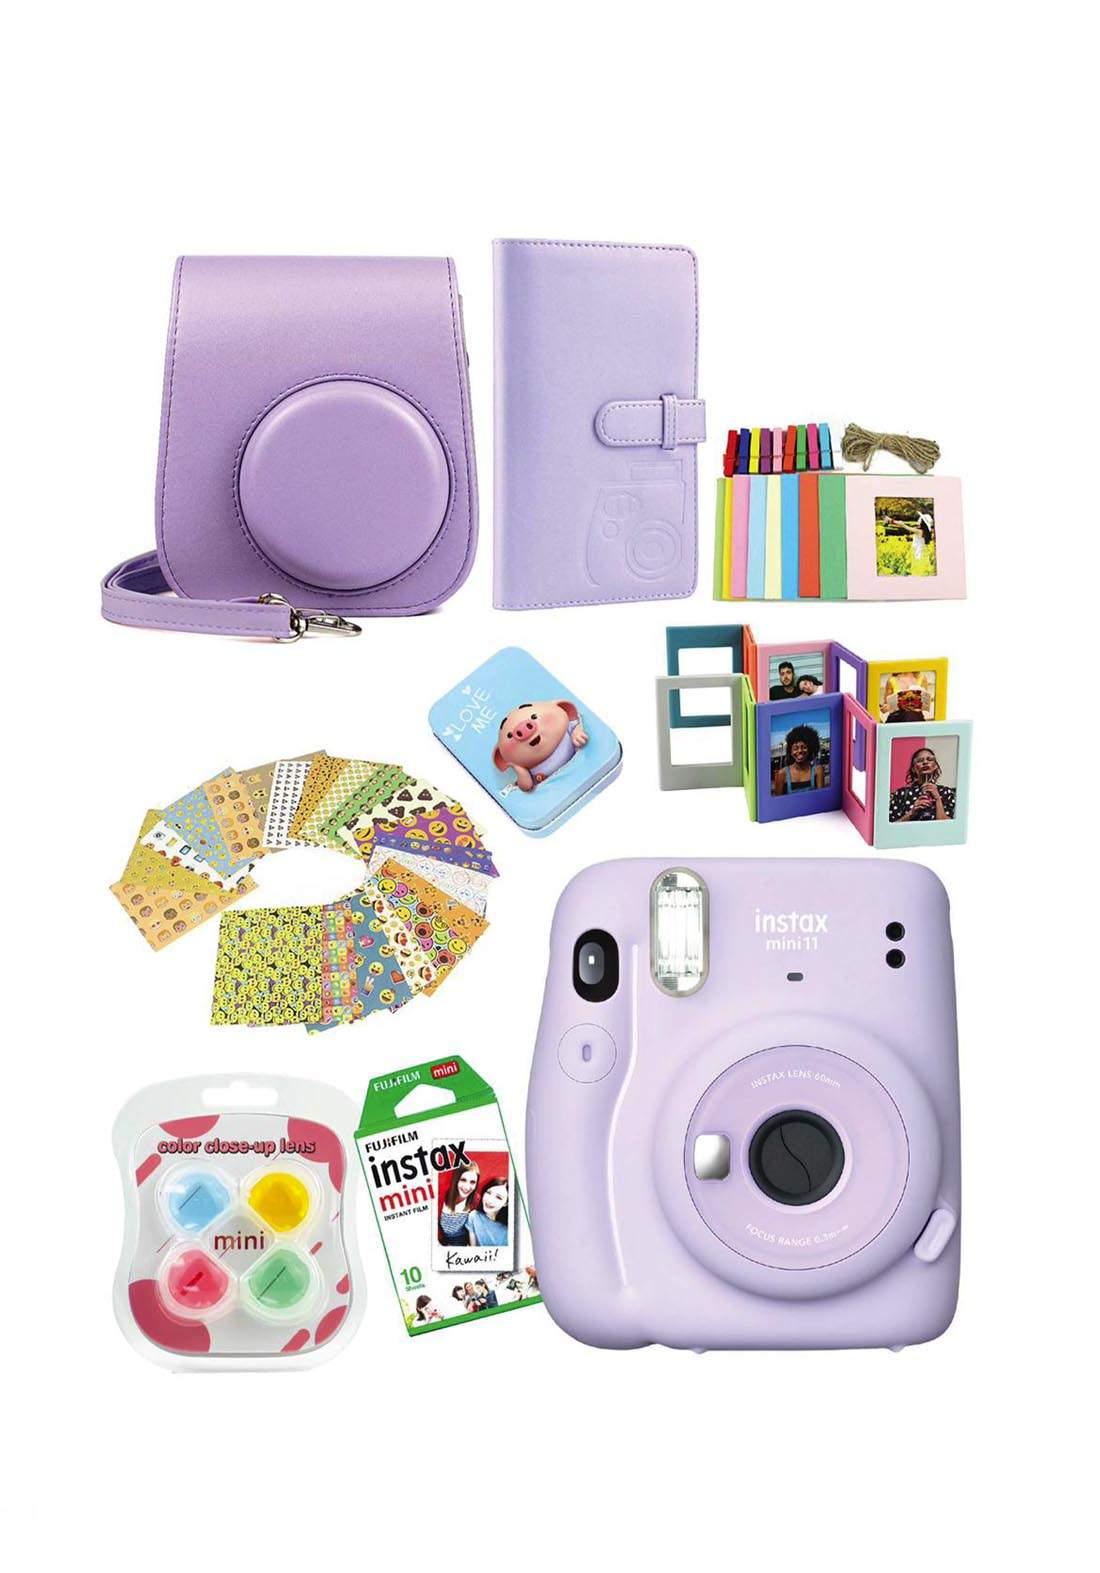 Fujifilm Instax MemoriesPack Mini11 Camera Package - Purple كاميرا فورية